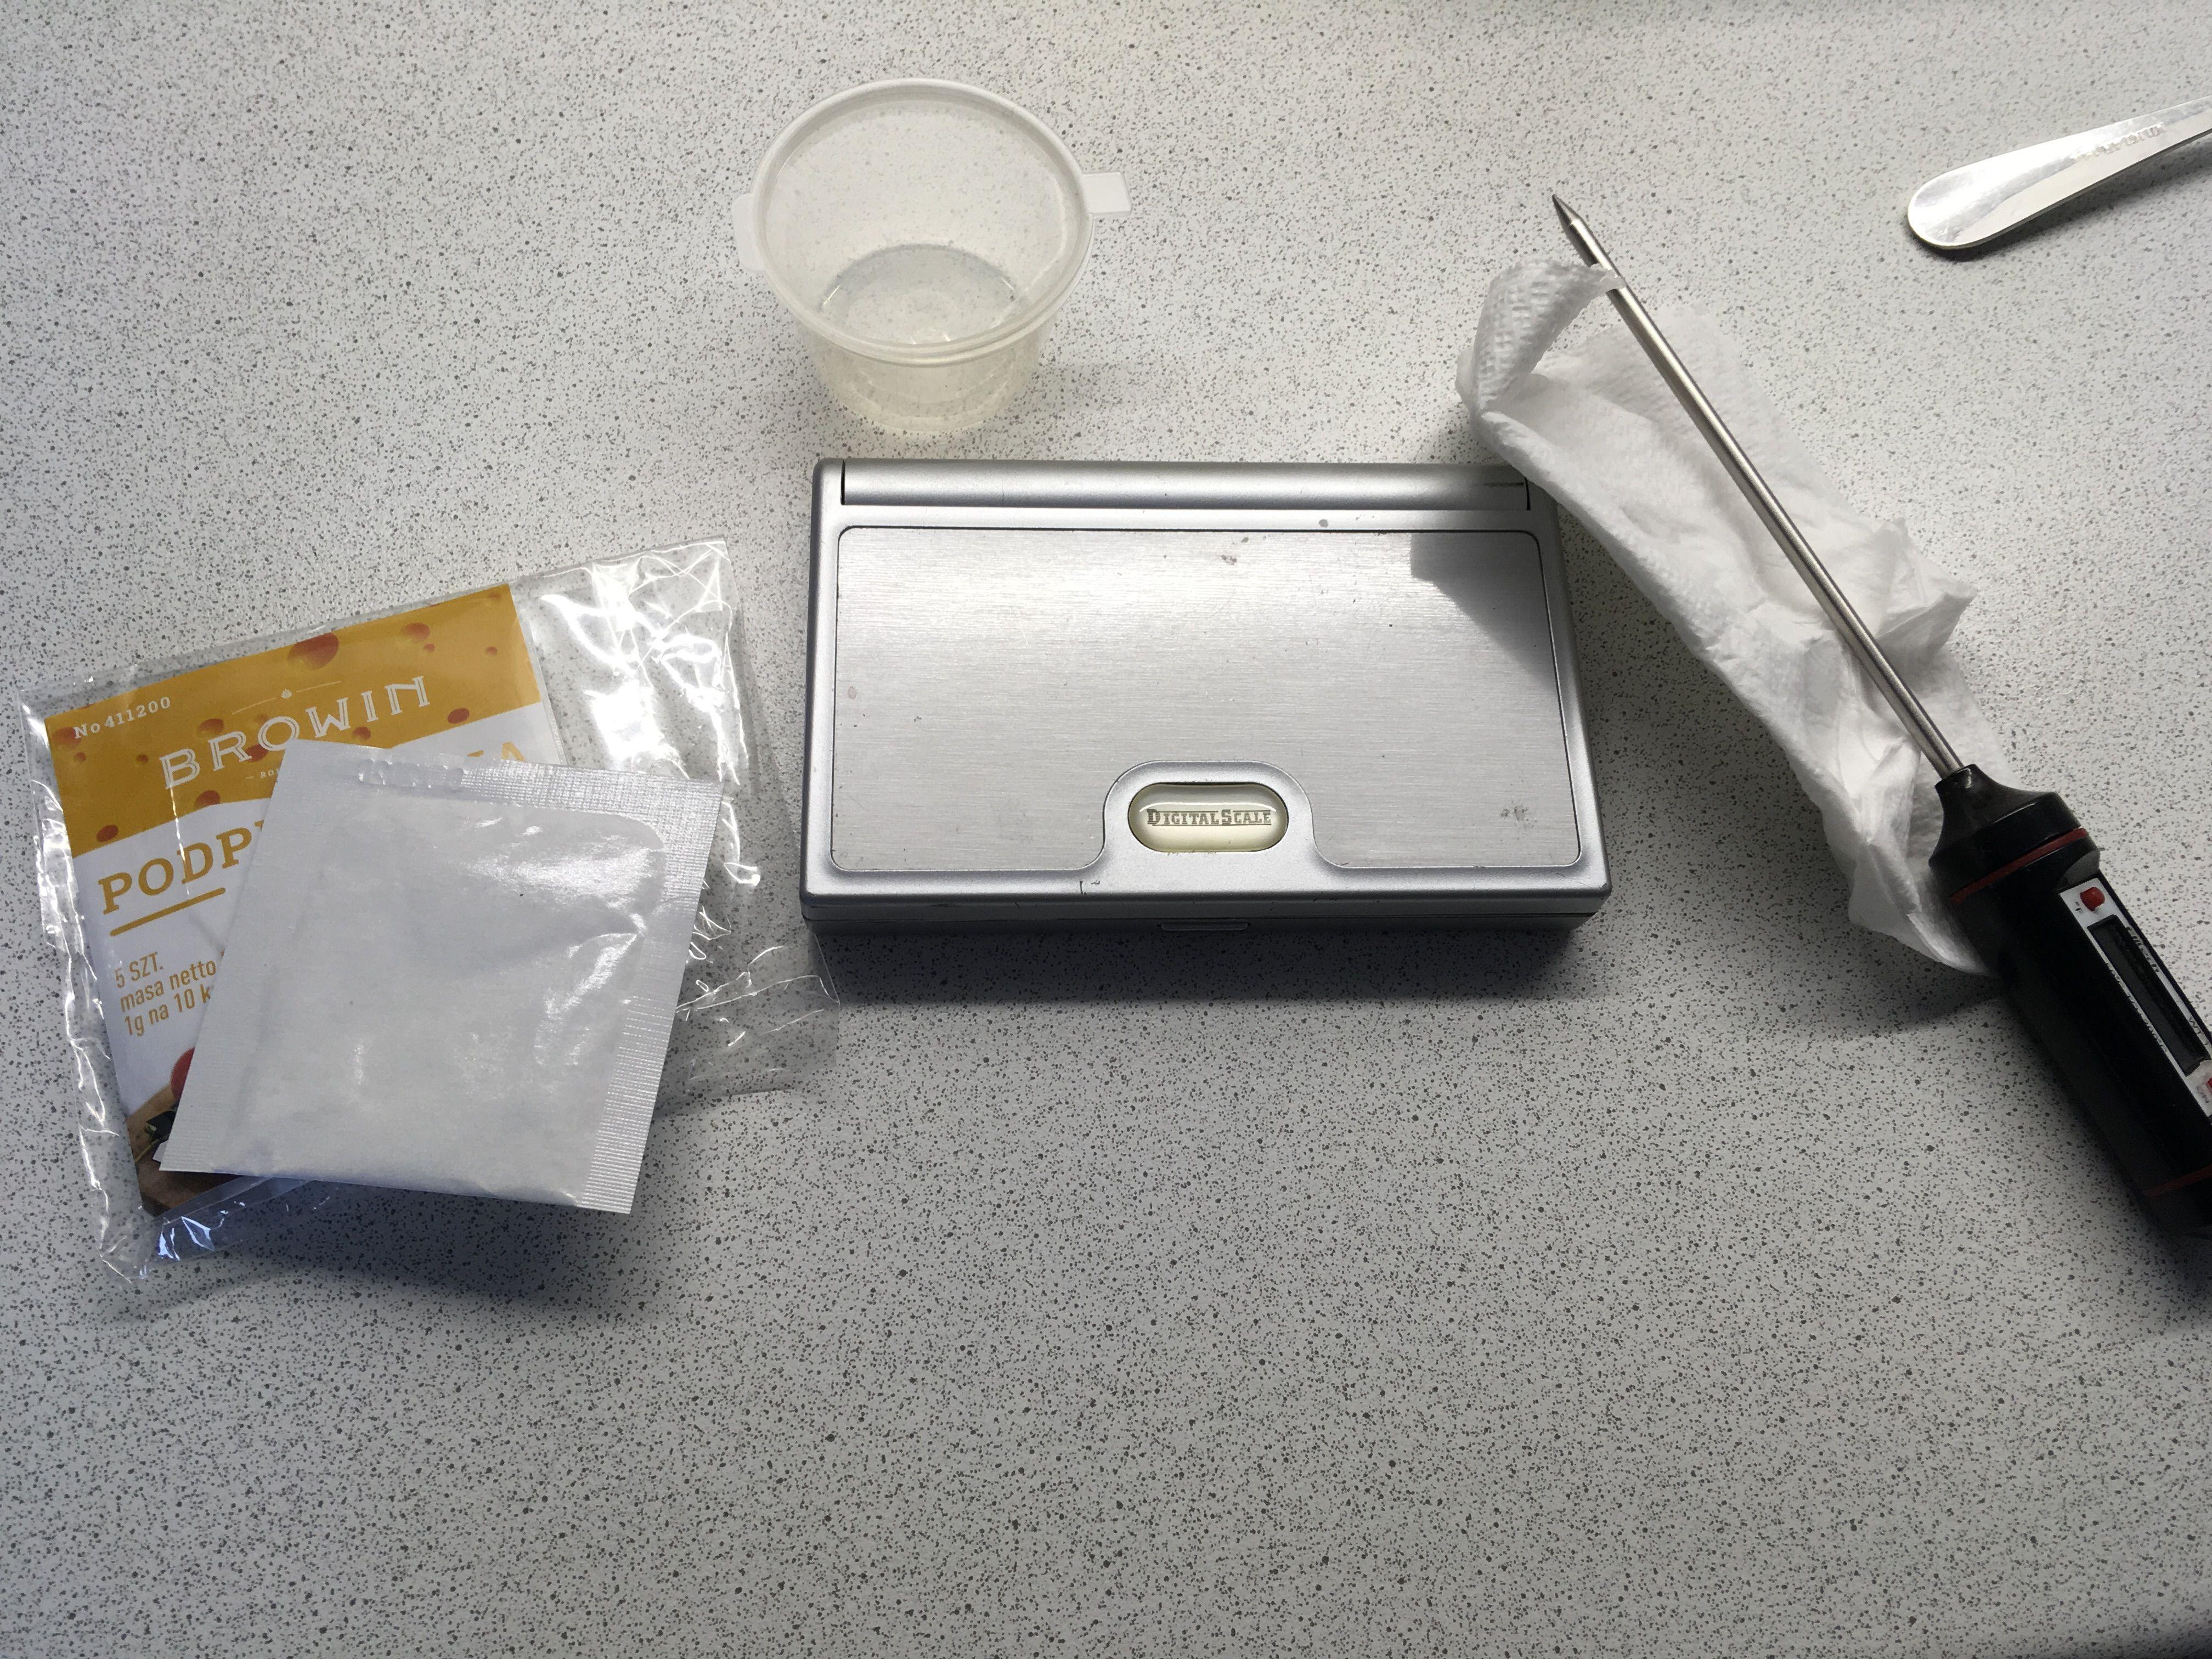 Весы, термометр и сухой сычужный фермент